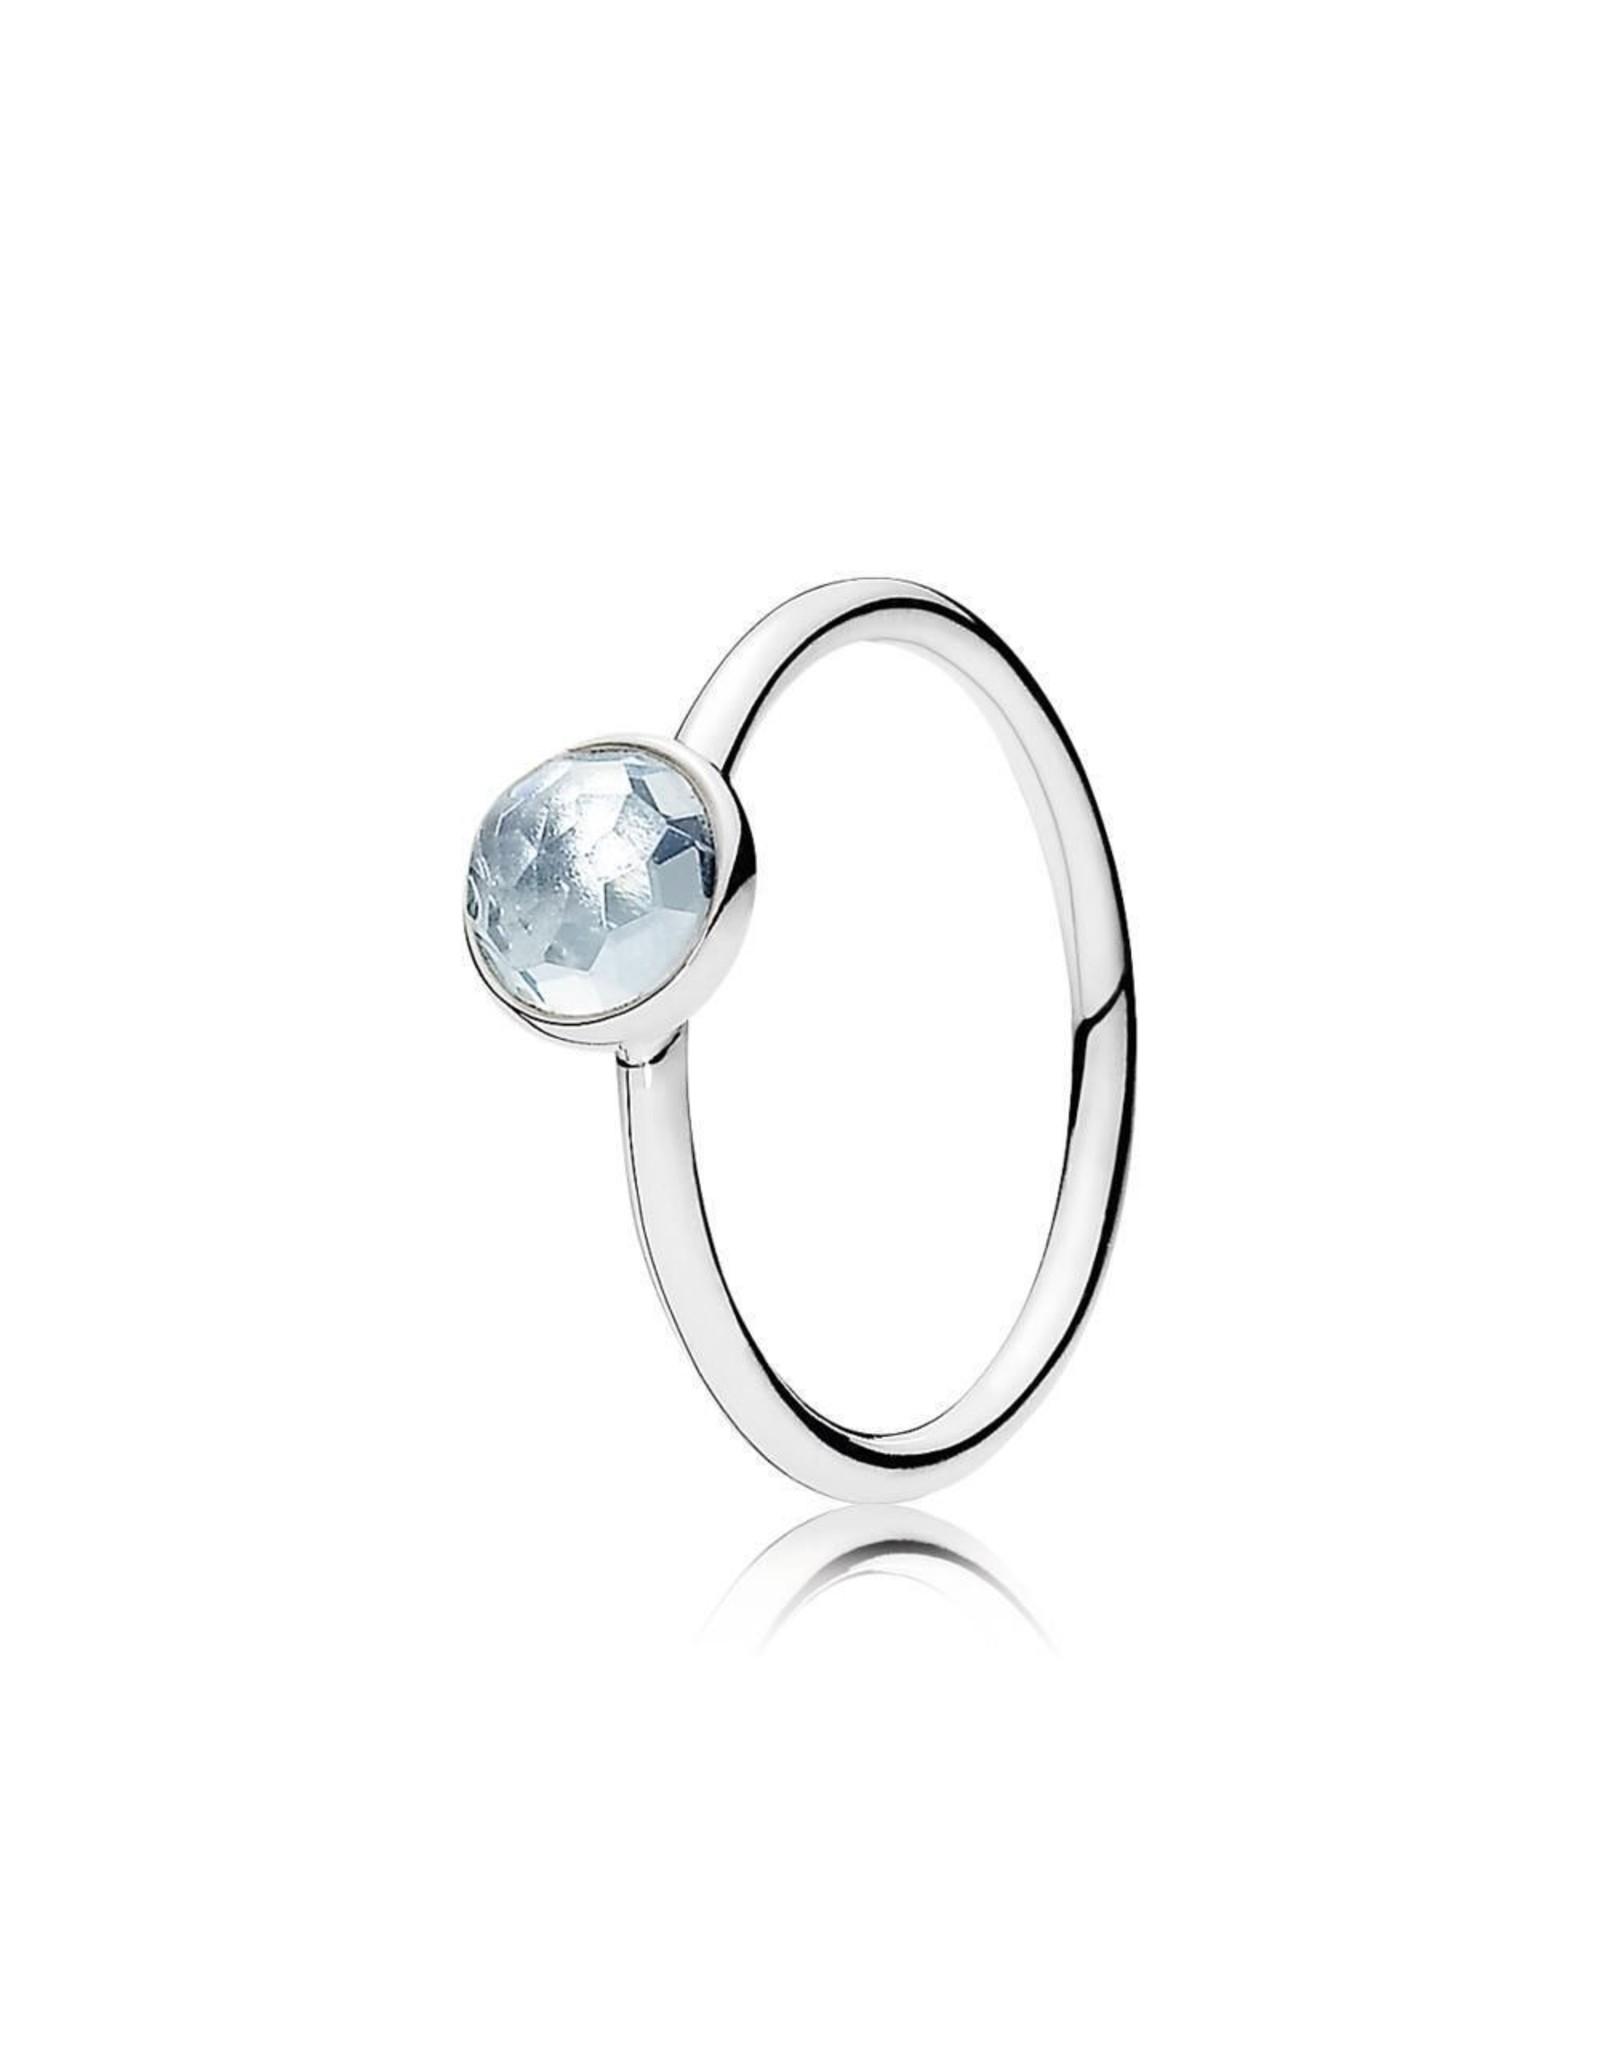 Pandora Pandora Ring, March Droplet, Aqua Blue